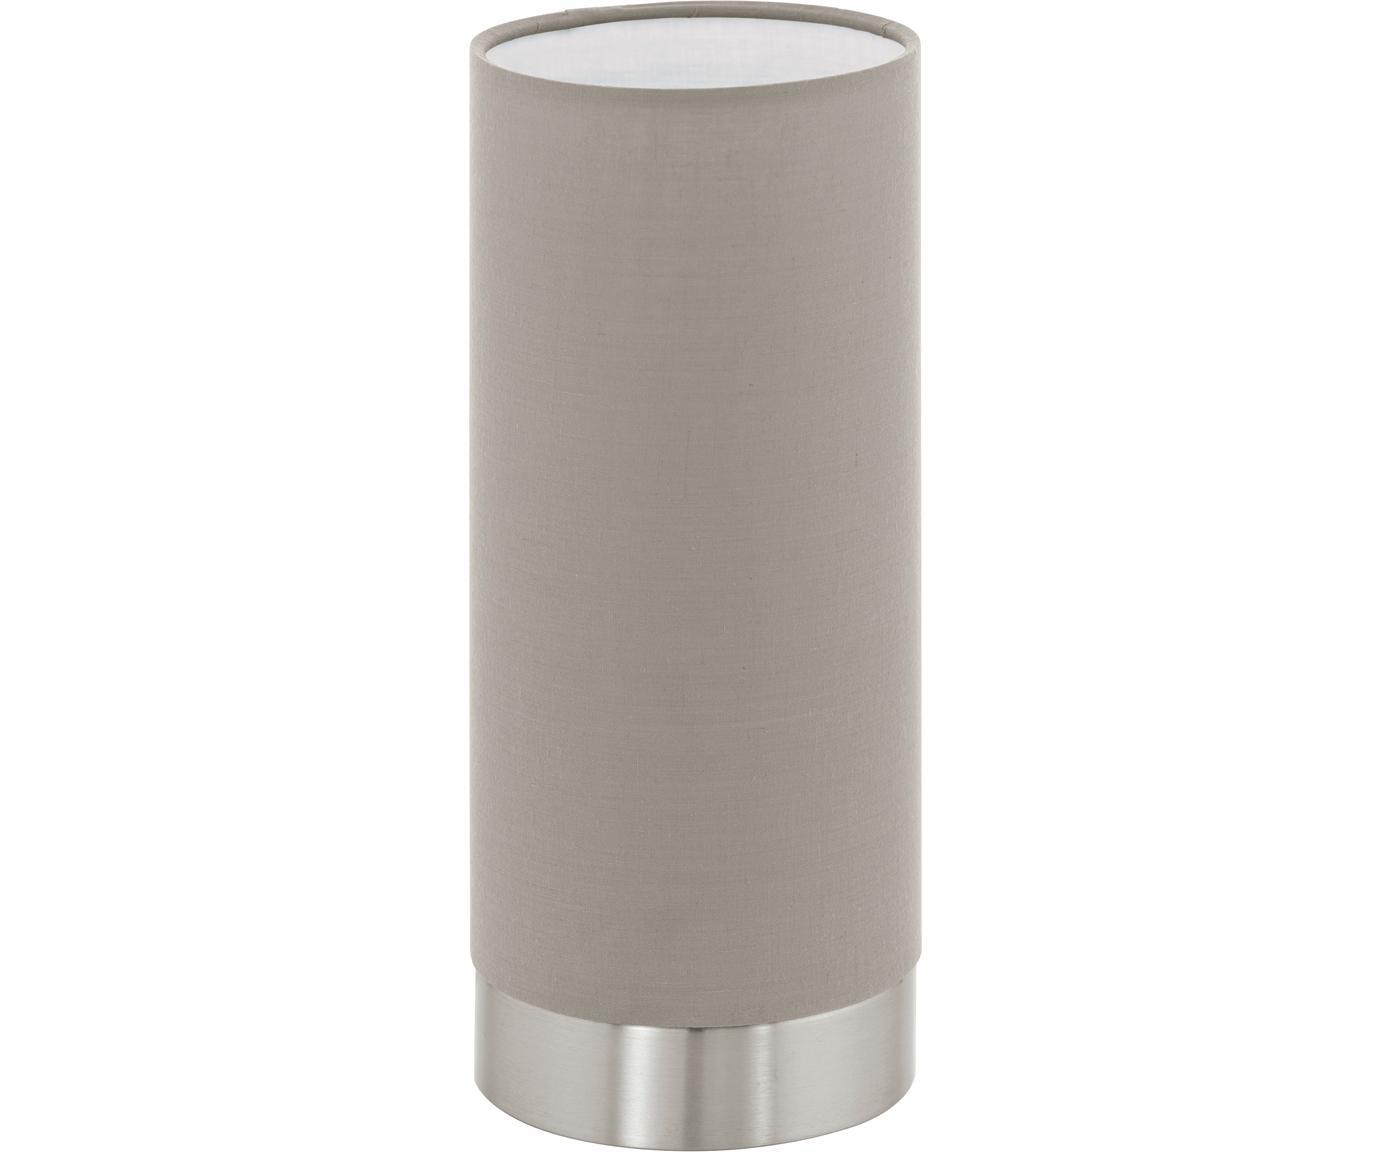 Dimmbare Tischleuchte Pasteri, Lampenschirm: Polyester, Lampenfuß: Stahl, vernickelt, Taupe, Nickel, Ø 12 x H 26 cm